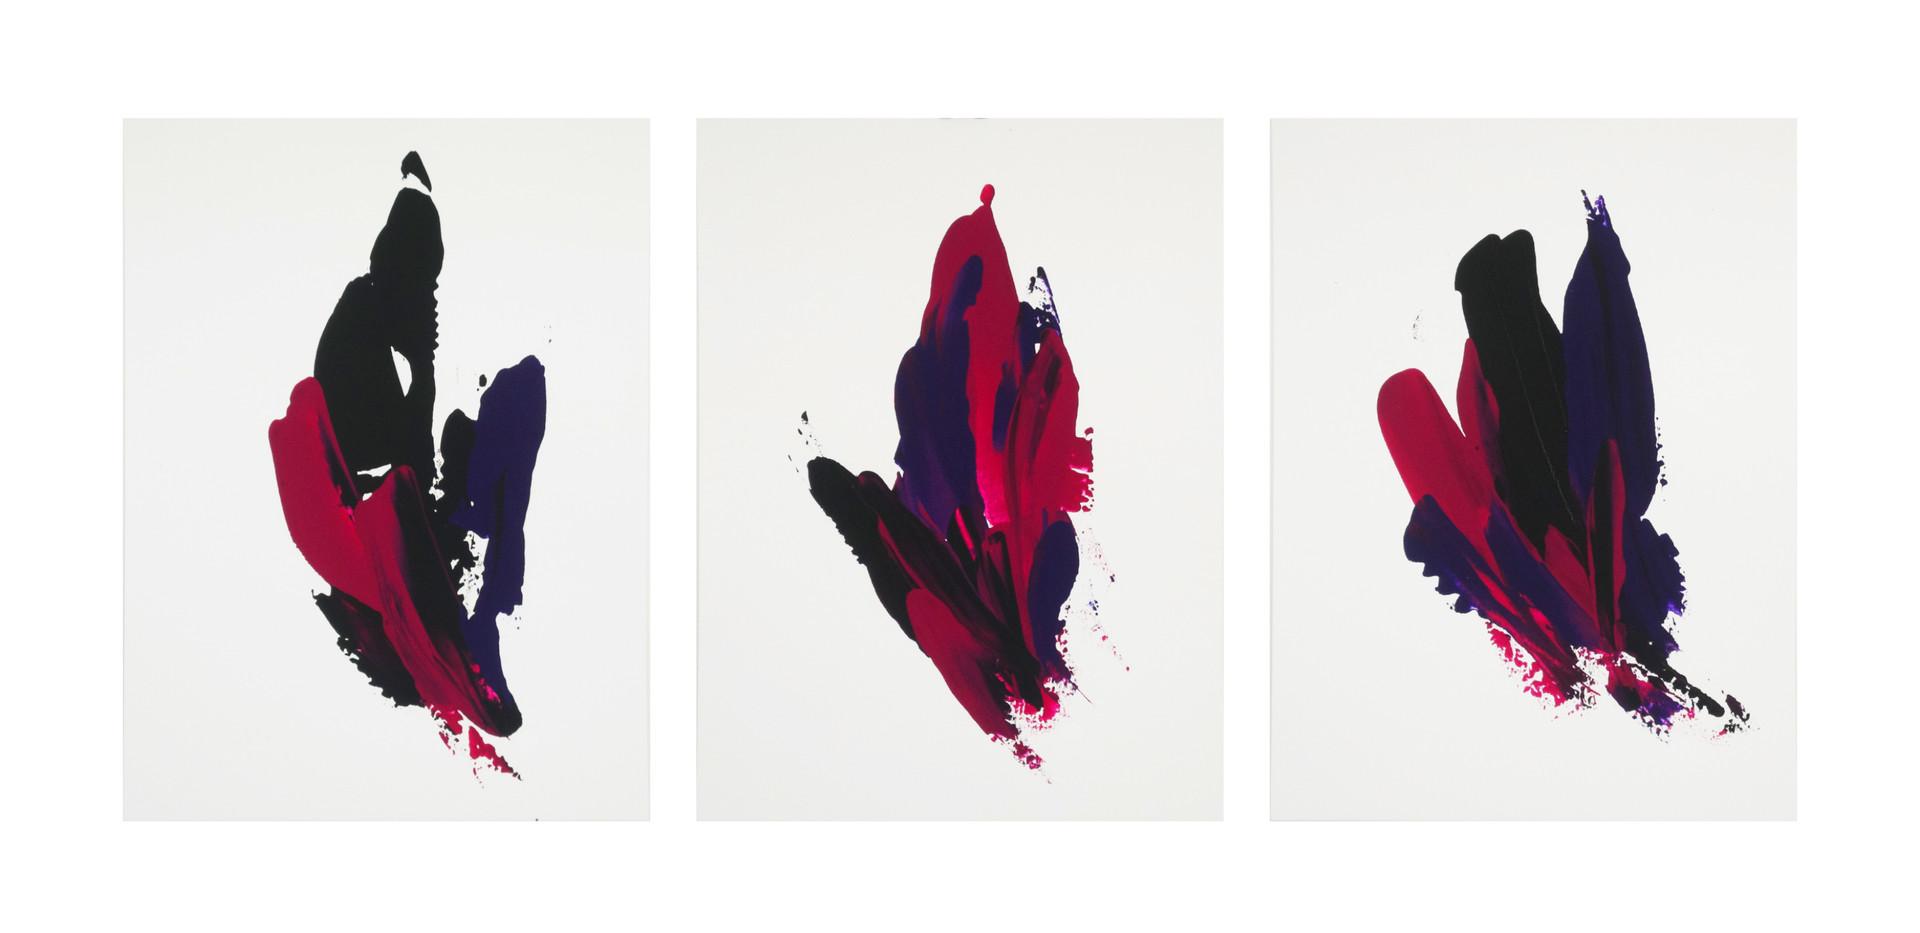 Karina Matheus - Mud steps I, II & III (triptych)